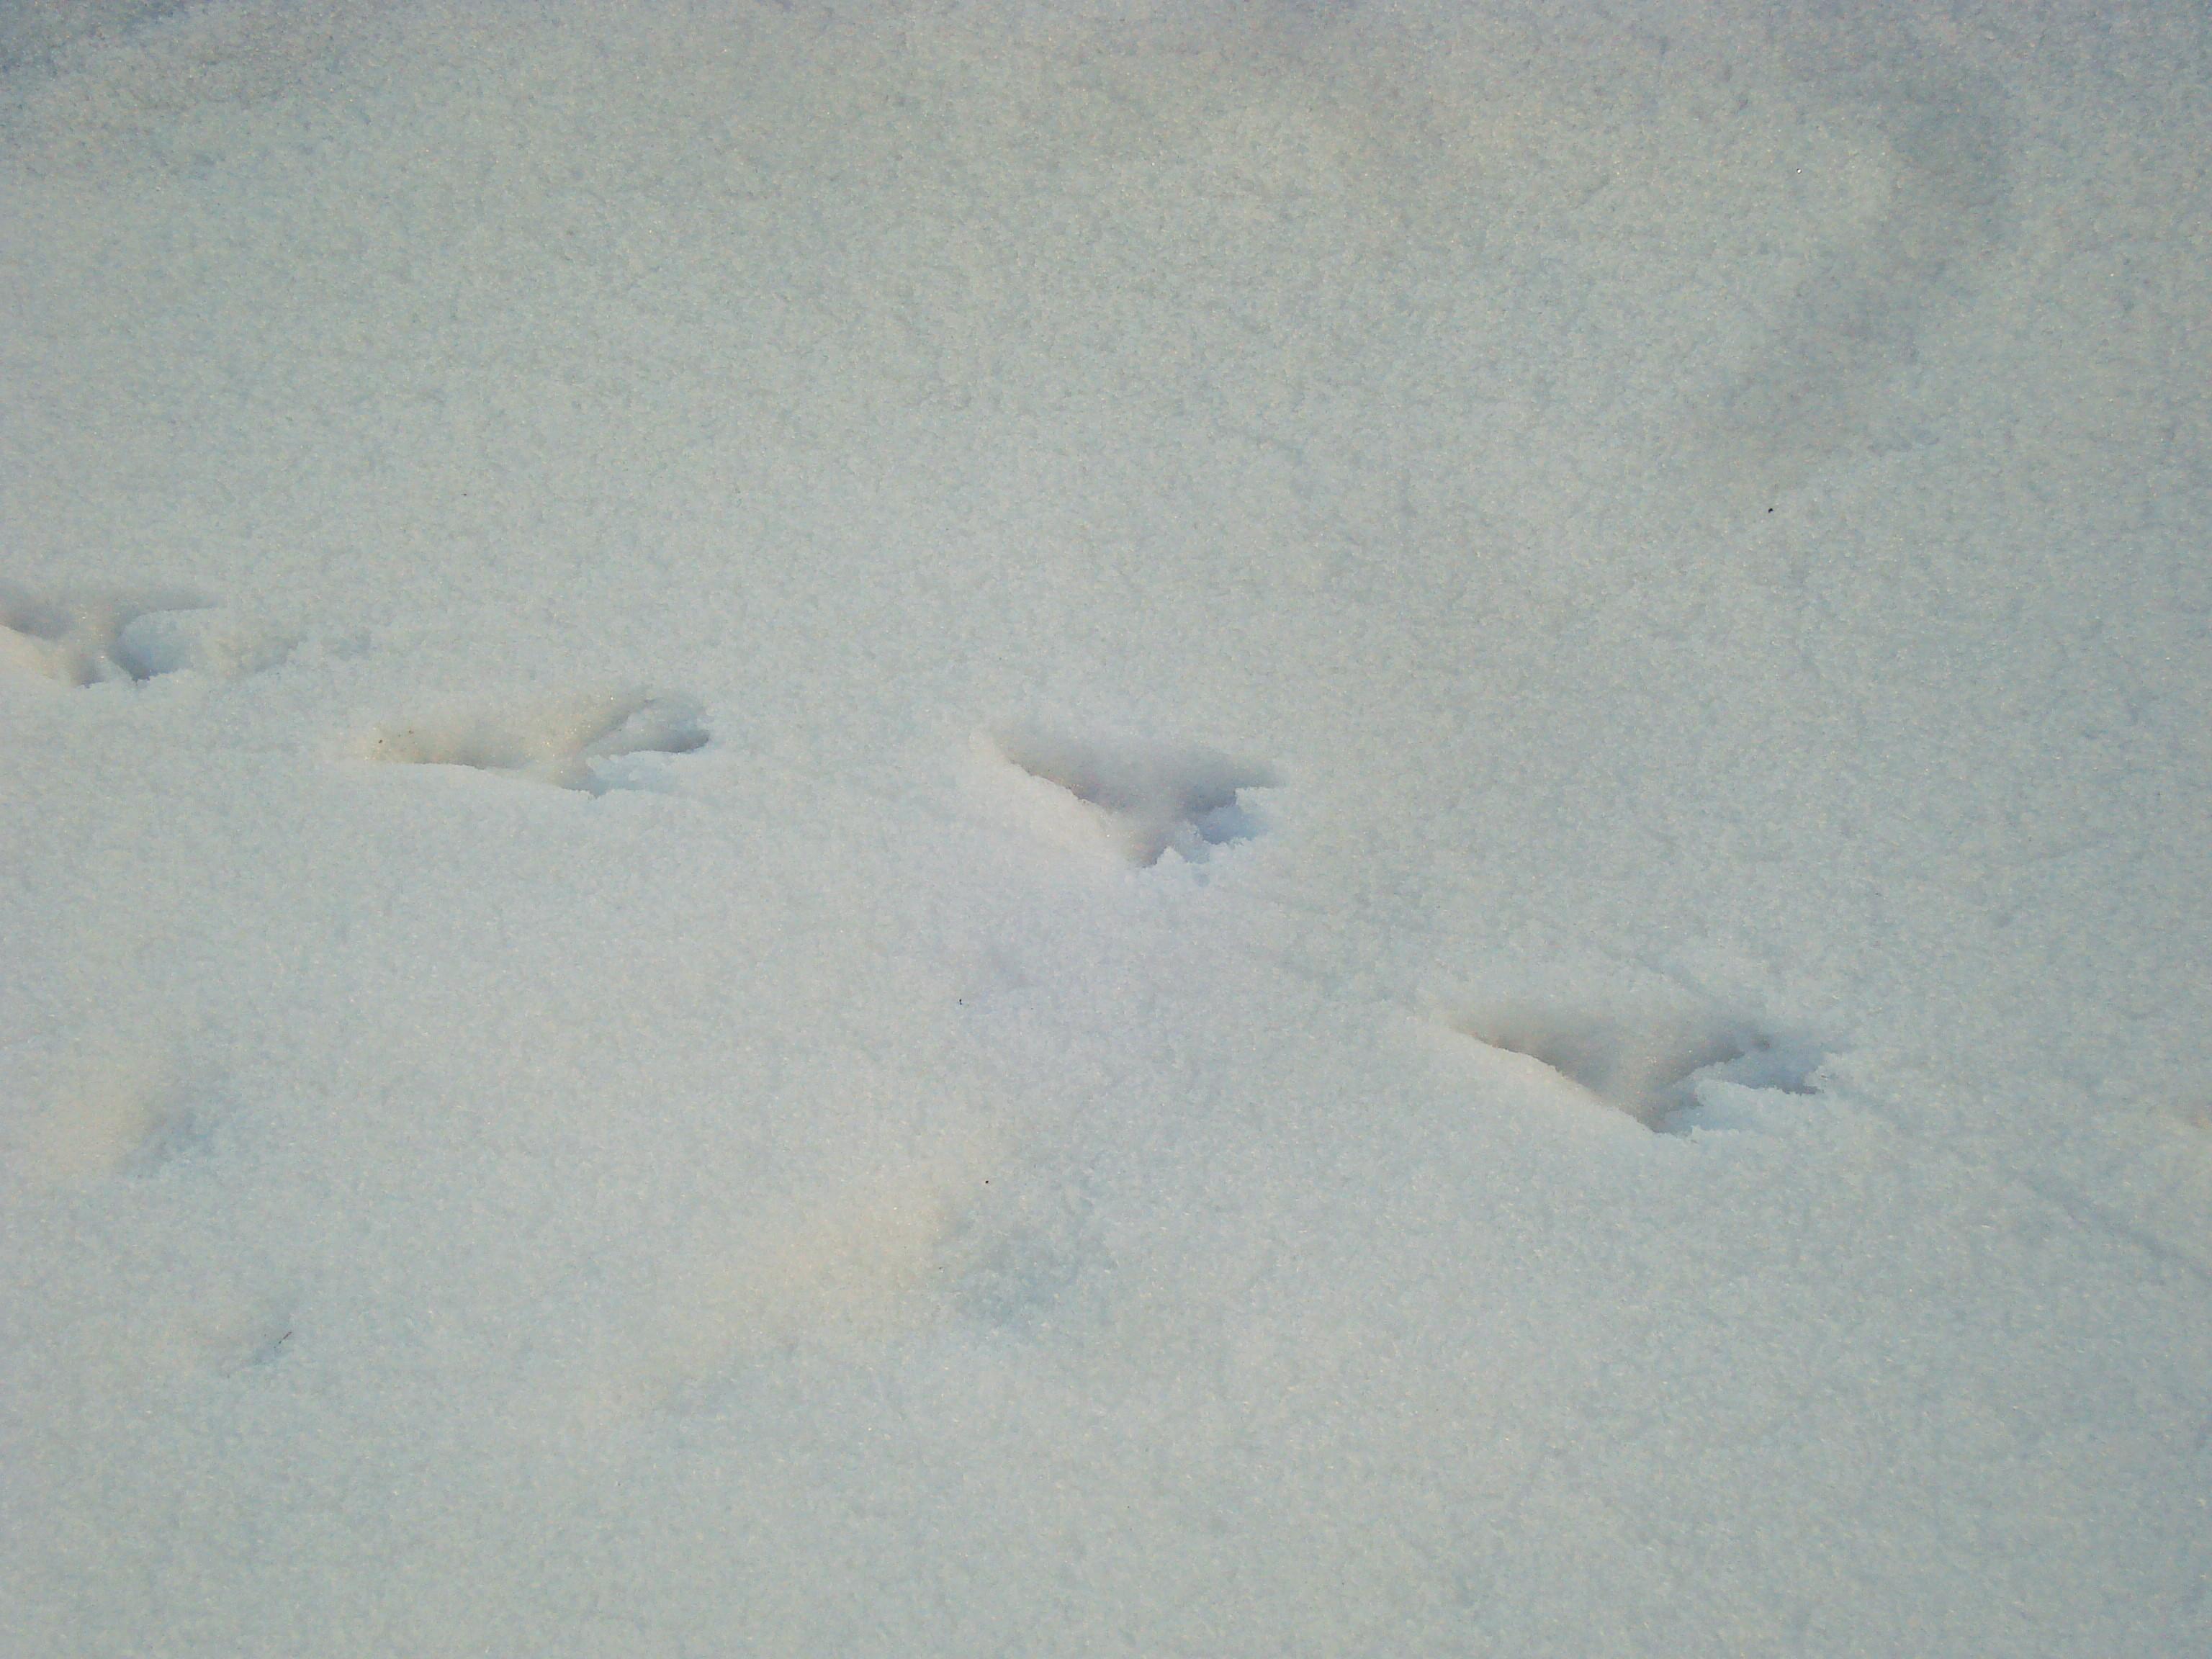 как сходный следы белки на снегу фото орешка для